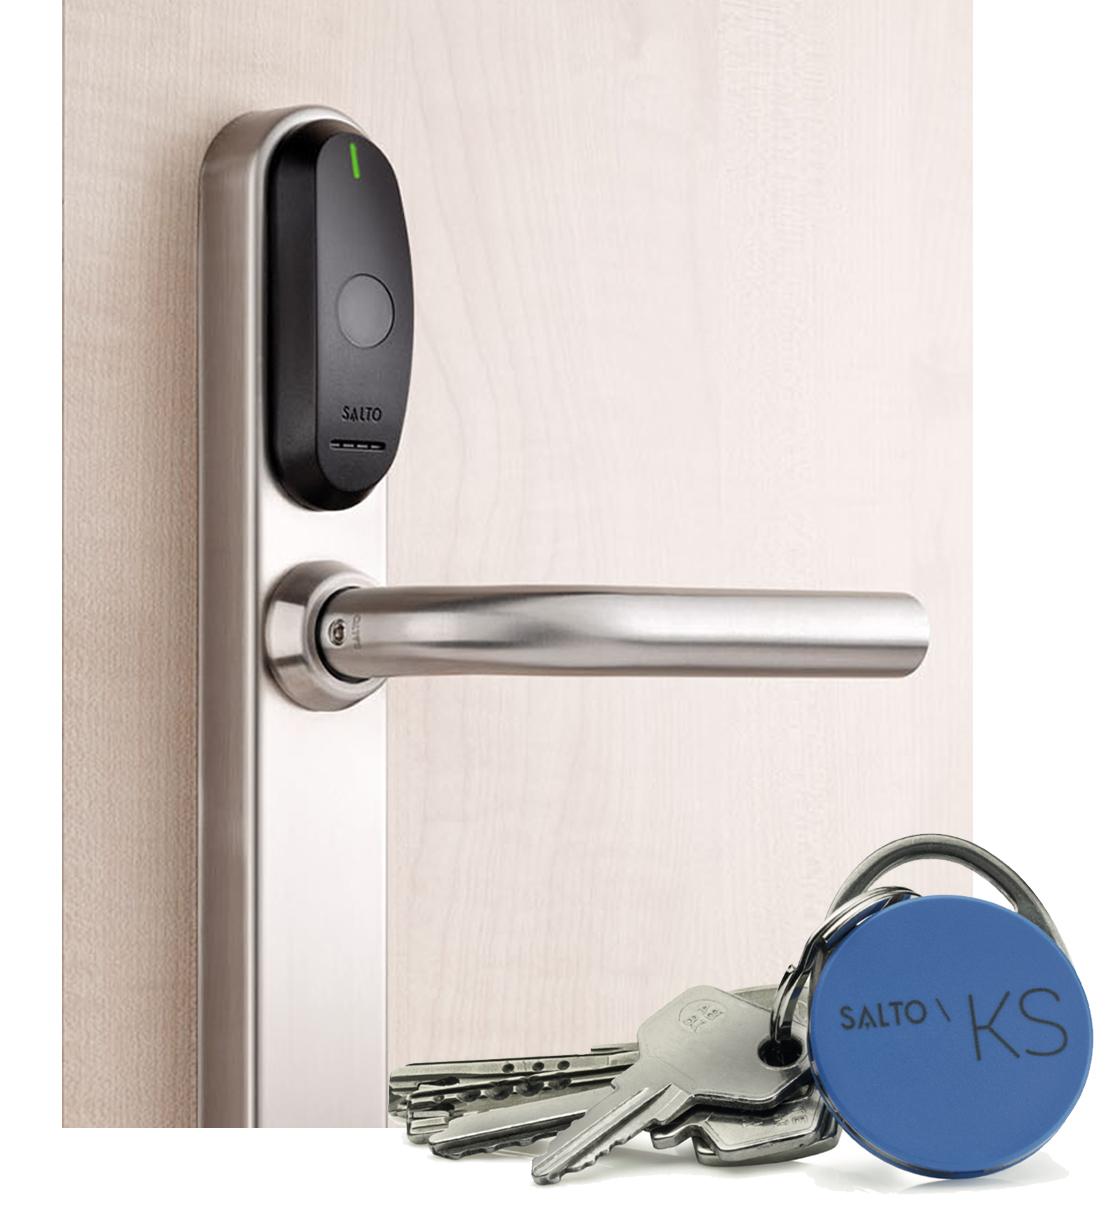 Salto Door Key-Fob for Easy Entrance